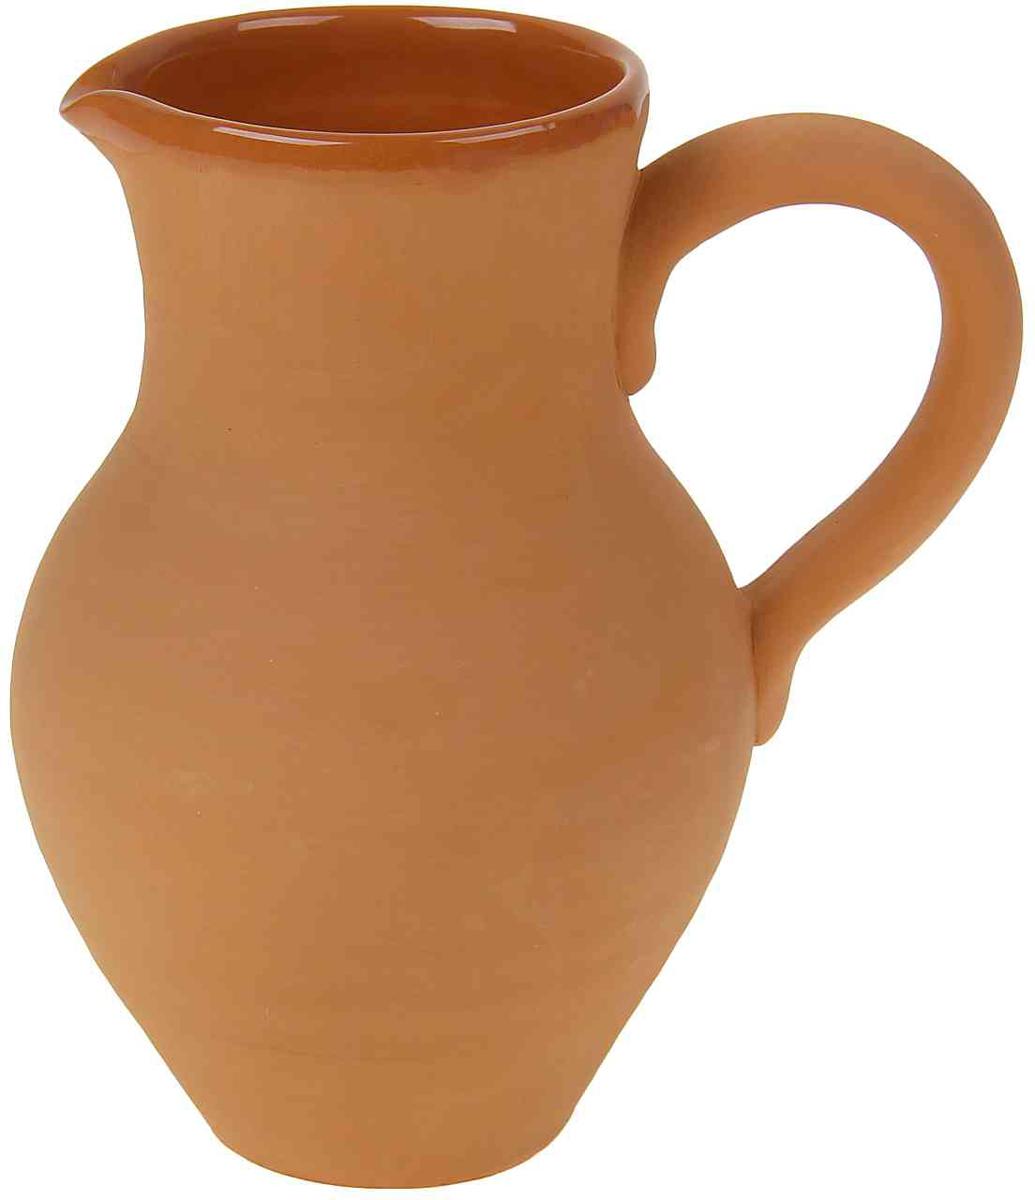 Кувшин Борисовская керамика Стандарт, 2 лОБЧ00000443Кувшин, изготовленный из глины, удобен для использования подмолоко и другие напитки. Наши предки не зря использовали глиняную посуду для хранения молока, в керамическом кувшинеоно дольше остается свежим и не скисает. Глиняный кувшинне только отлично впишется в любой интерьер кухни, но и станет отличнымподарком.